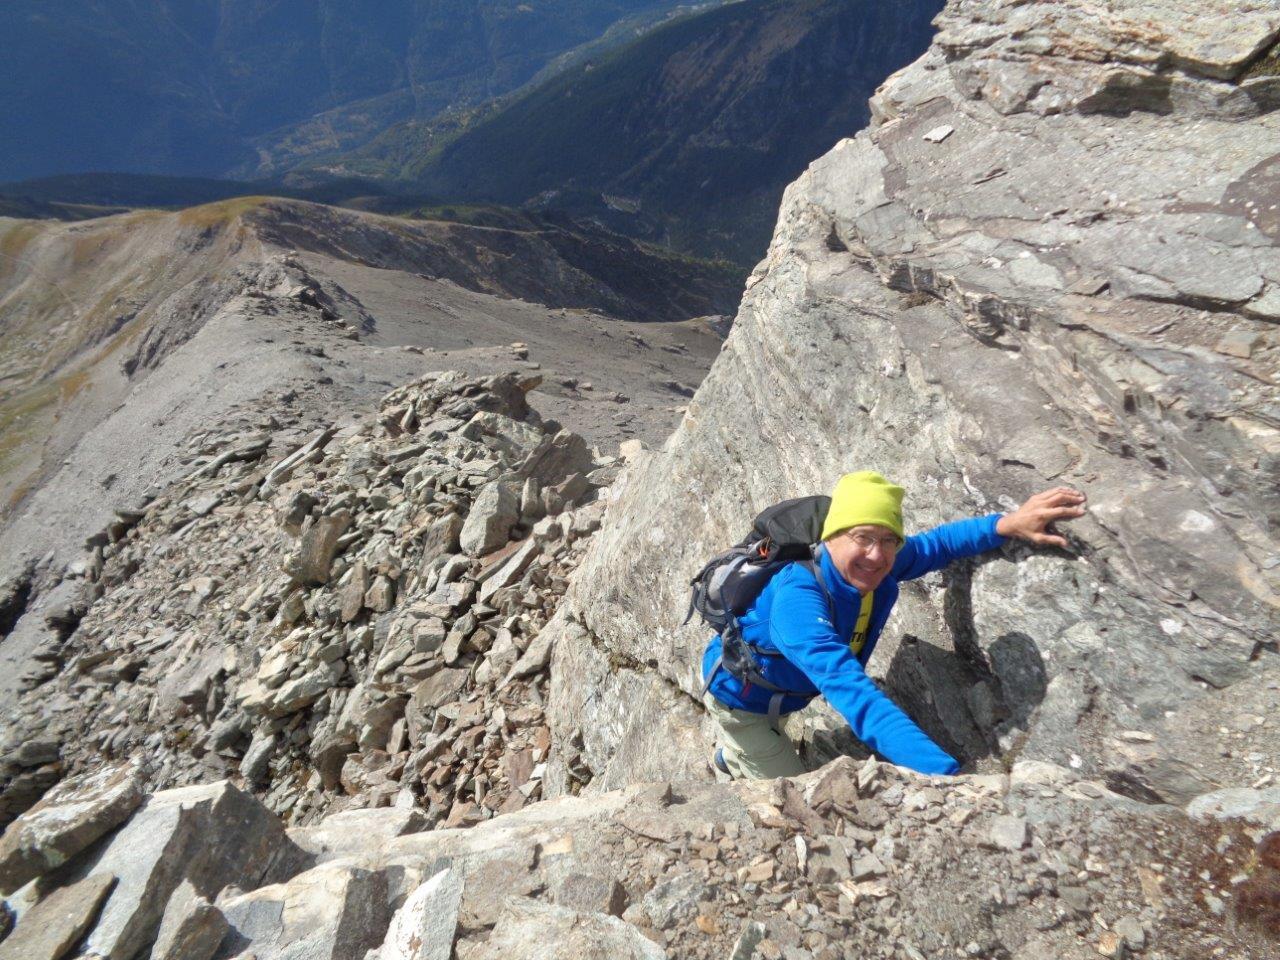 ultima difficoltà alpinistica su roccia (diedro)